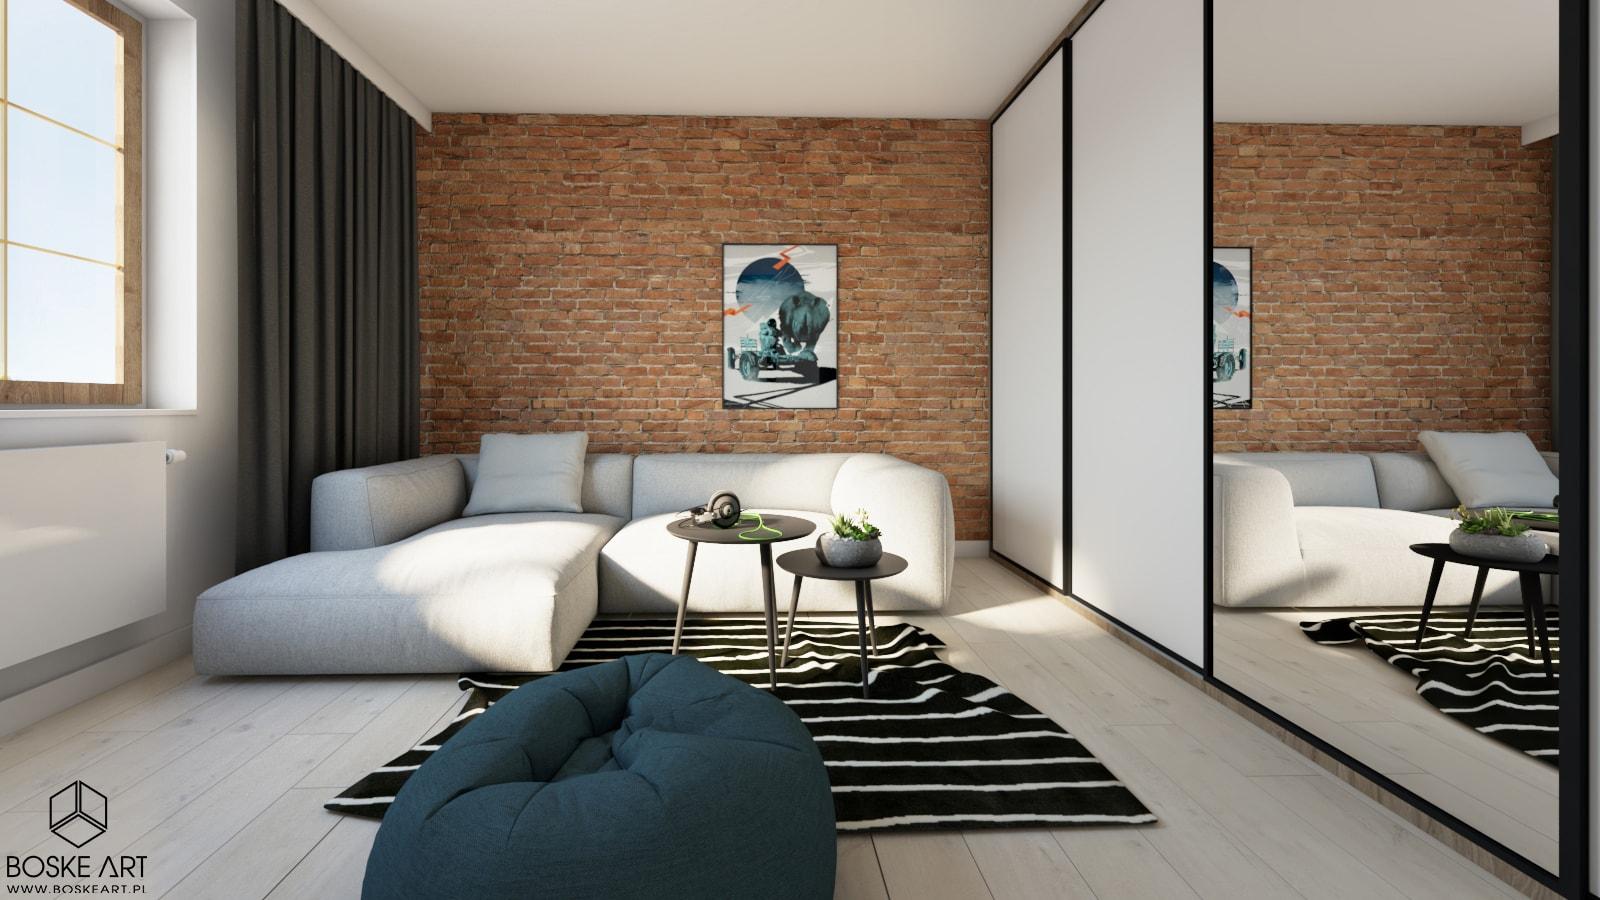 10_projekt_mieszkania_poznan_aranzacja_projektowanie_architektura_wnetrz_boske_art_projektant_wnetrz_poznan_natalia_robaszkiewicz-min